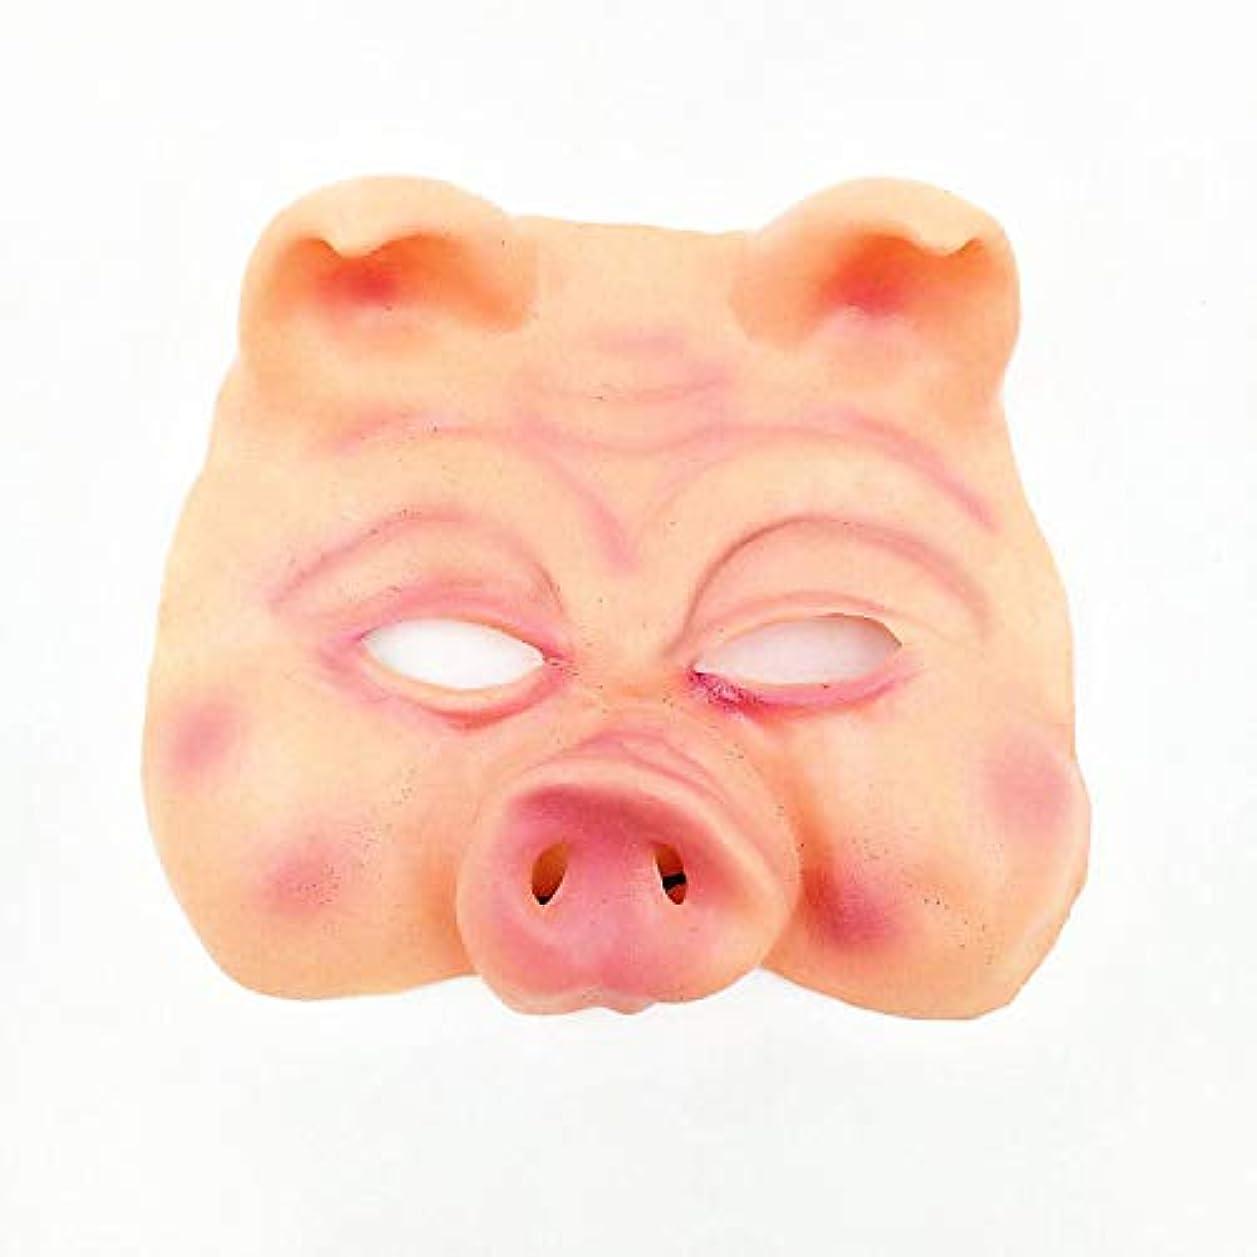 防止正確さバンドルハロウィン仮面舞踏会マスク豚エイトリングマスクホラー豚ヘッドマスク